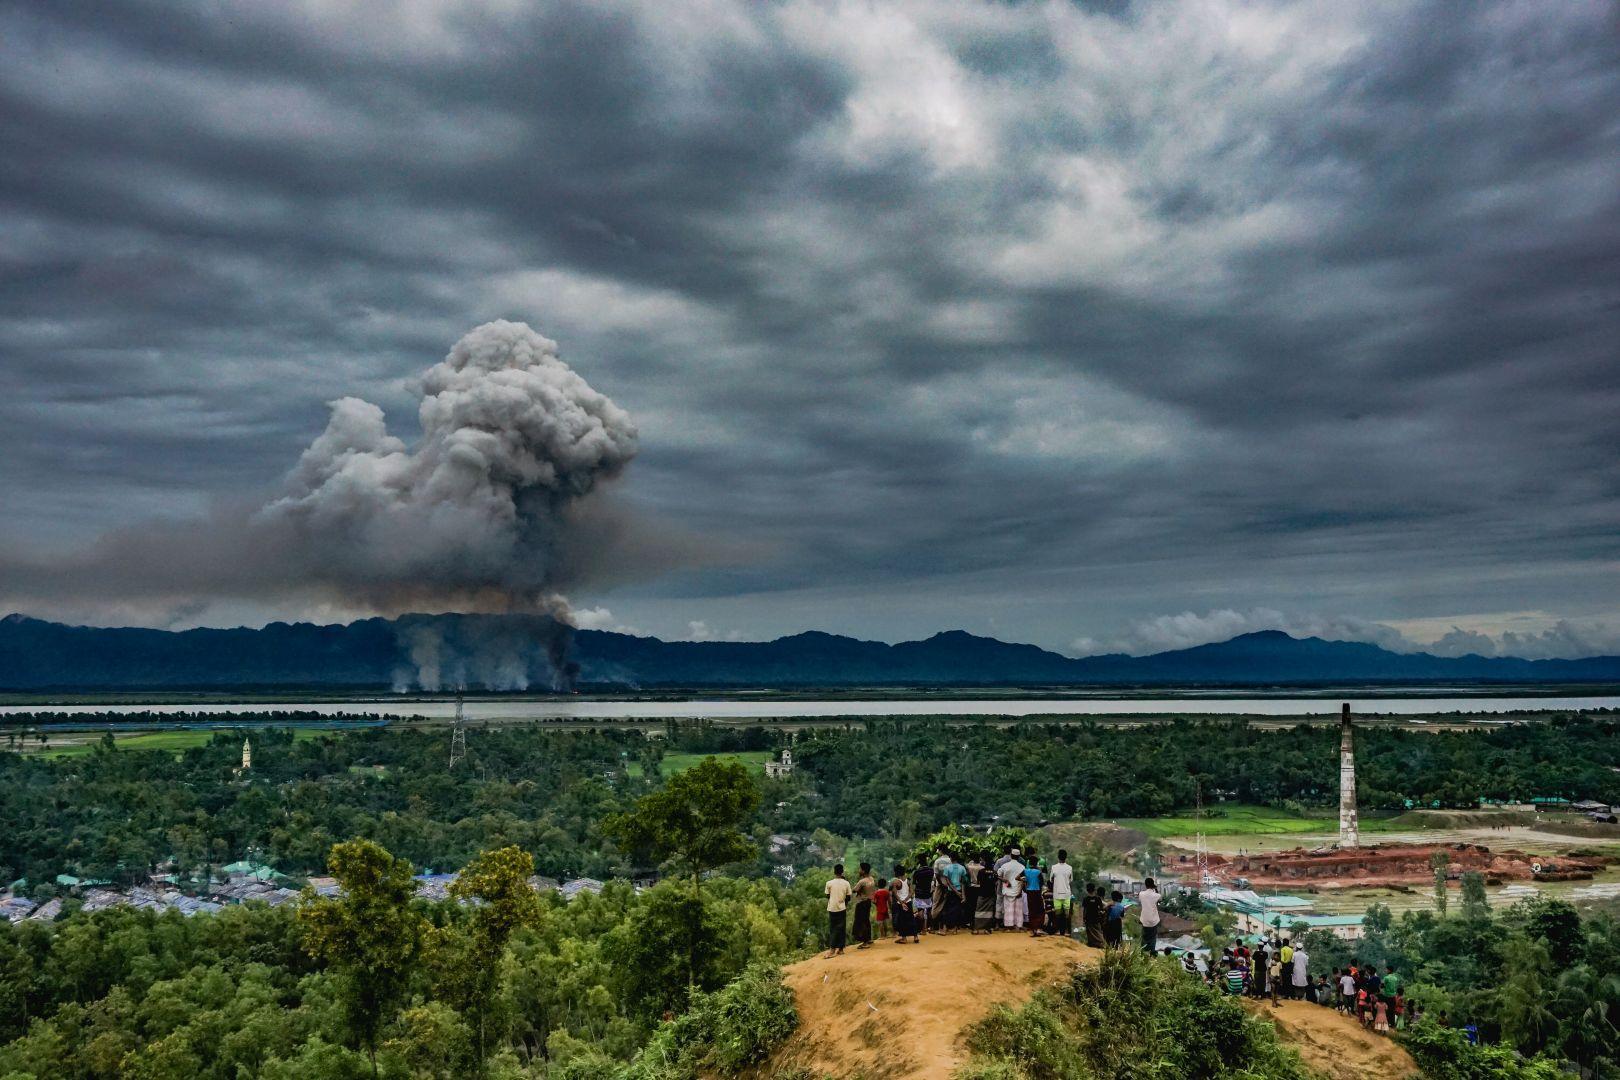 Наблюдение за горящими домами, © Масфикур Ахтар Сохан, Бангладеш, 3-й приз : одиночный кадр, Фотоконкурс World Press Photo